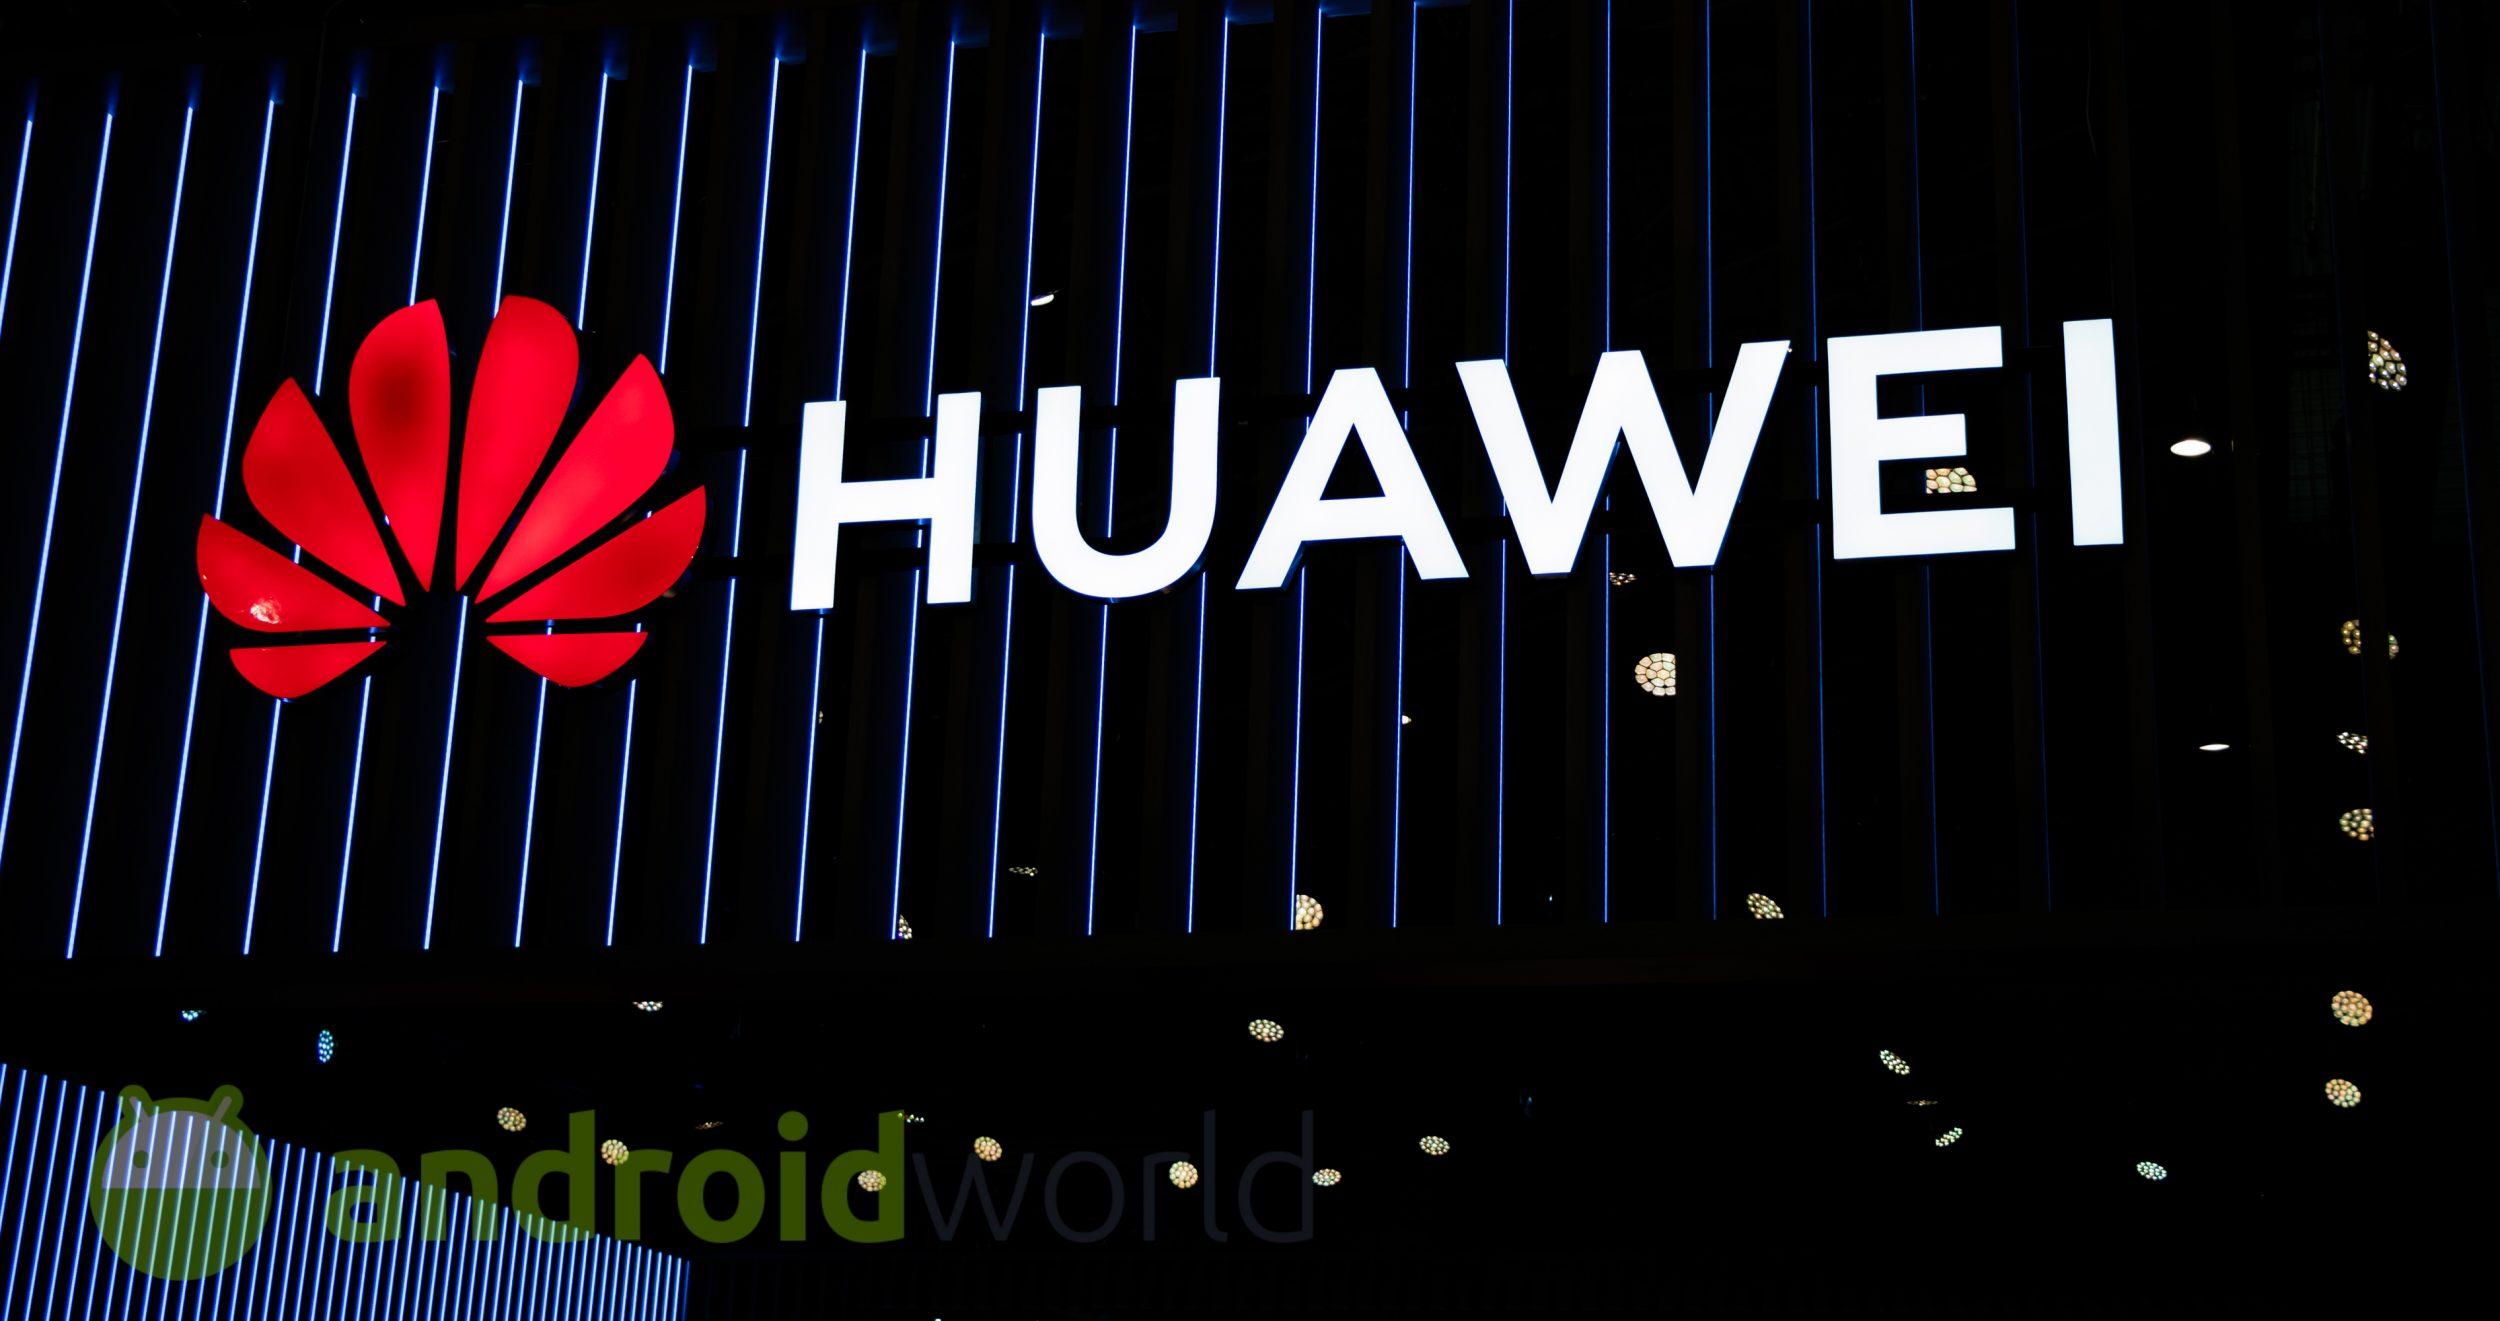 Huawei vola nel terzo trimestre del 2019: già 185 milioni di smartphone spediti e ricavi da record